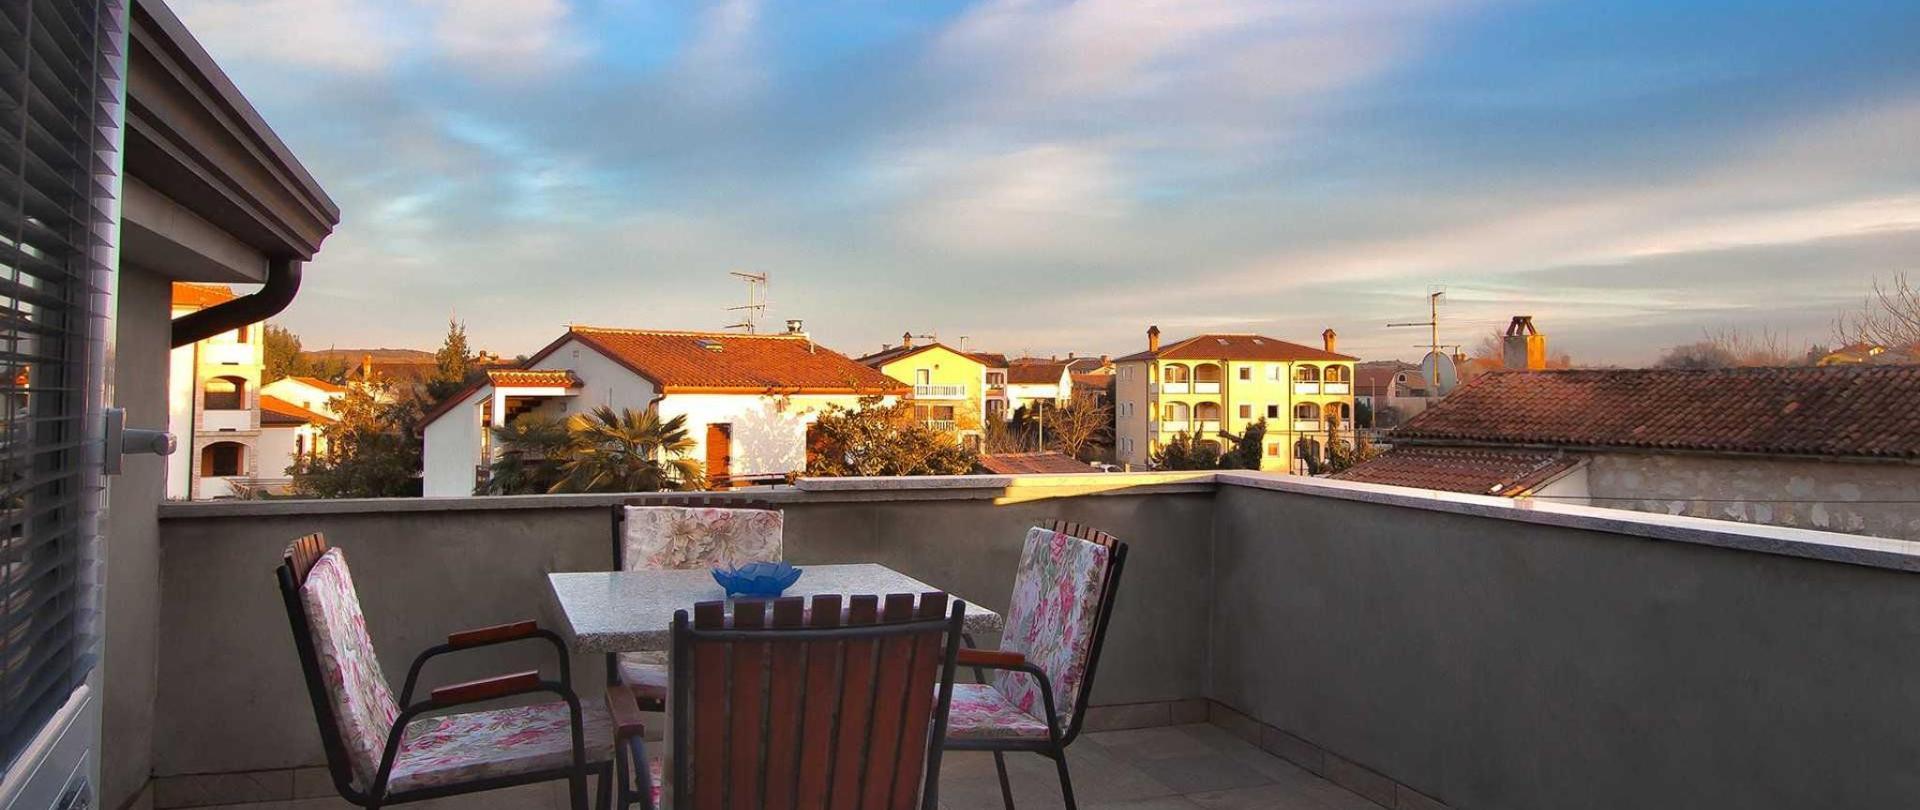 1_terrace_view.jpg